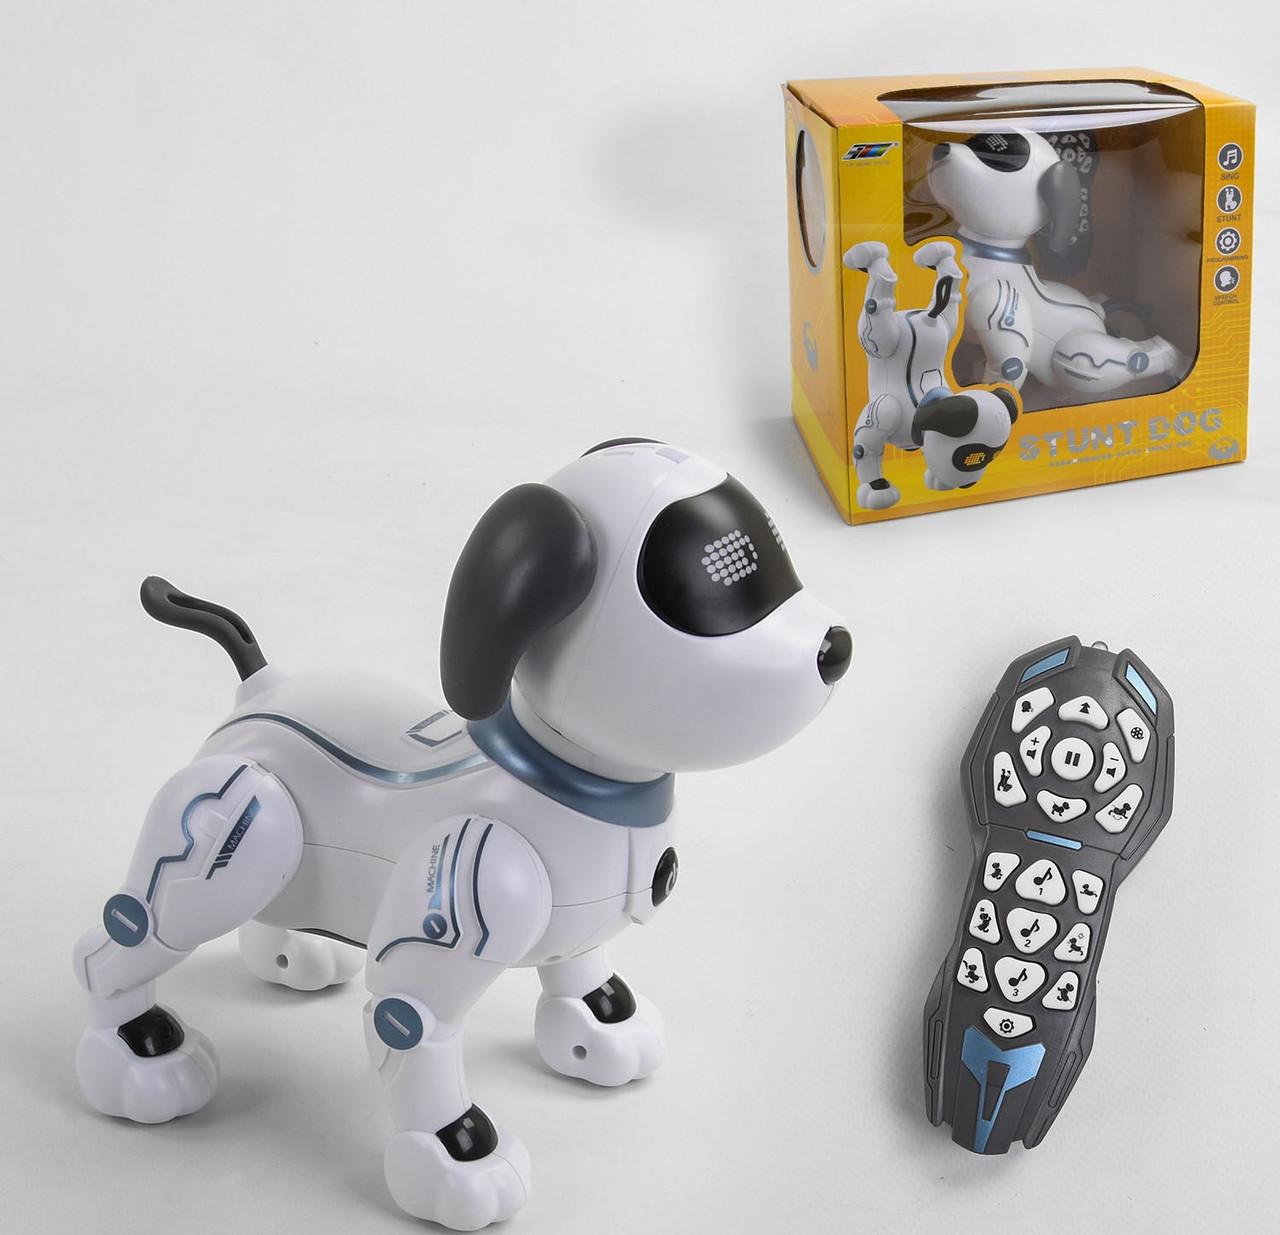 Собачка на радіокеруванні До 16 виконує трюки, голосове керування, управління д/в, світло, звук, короб